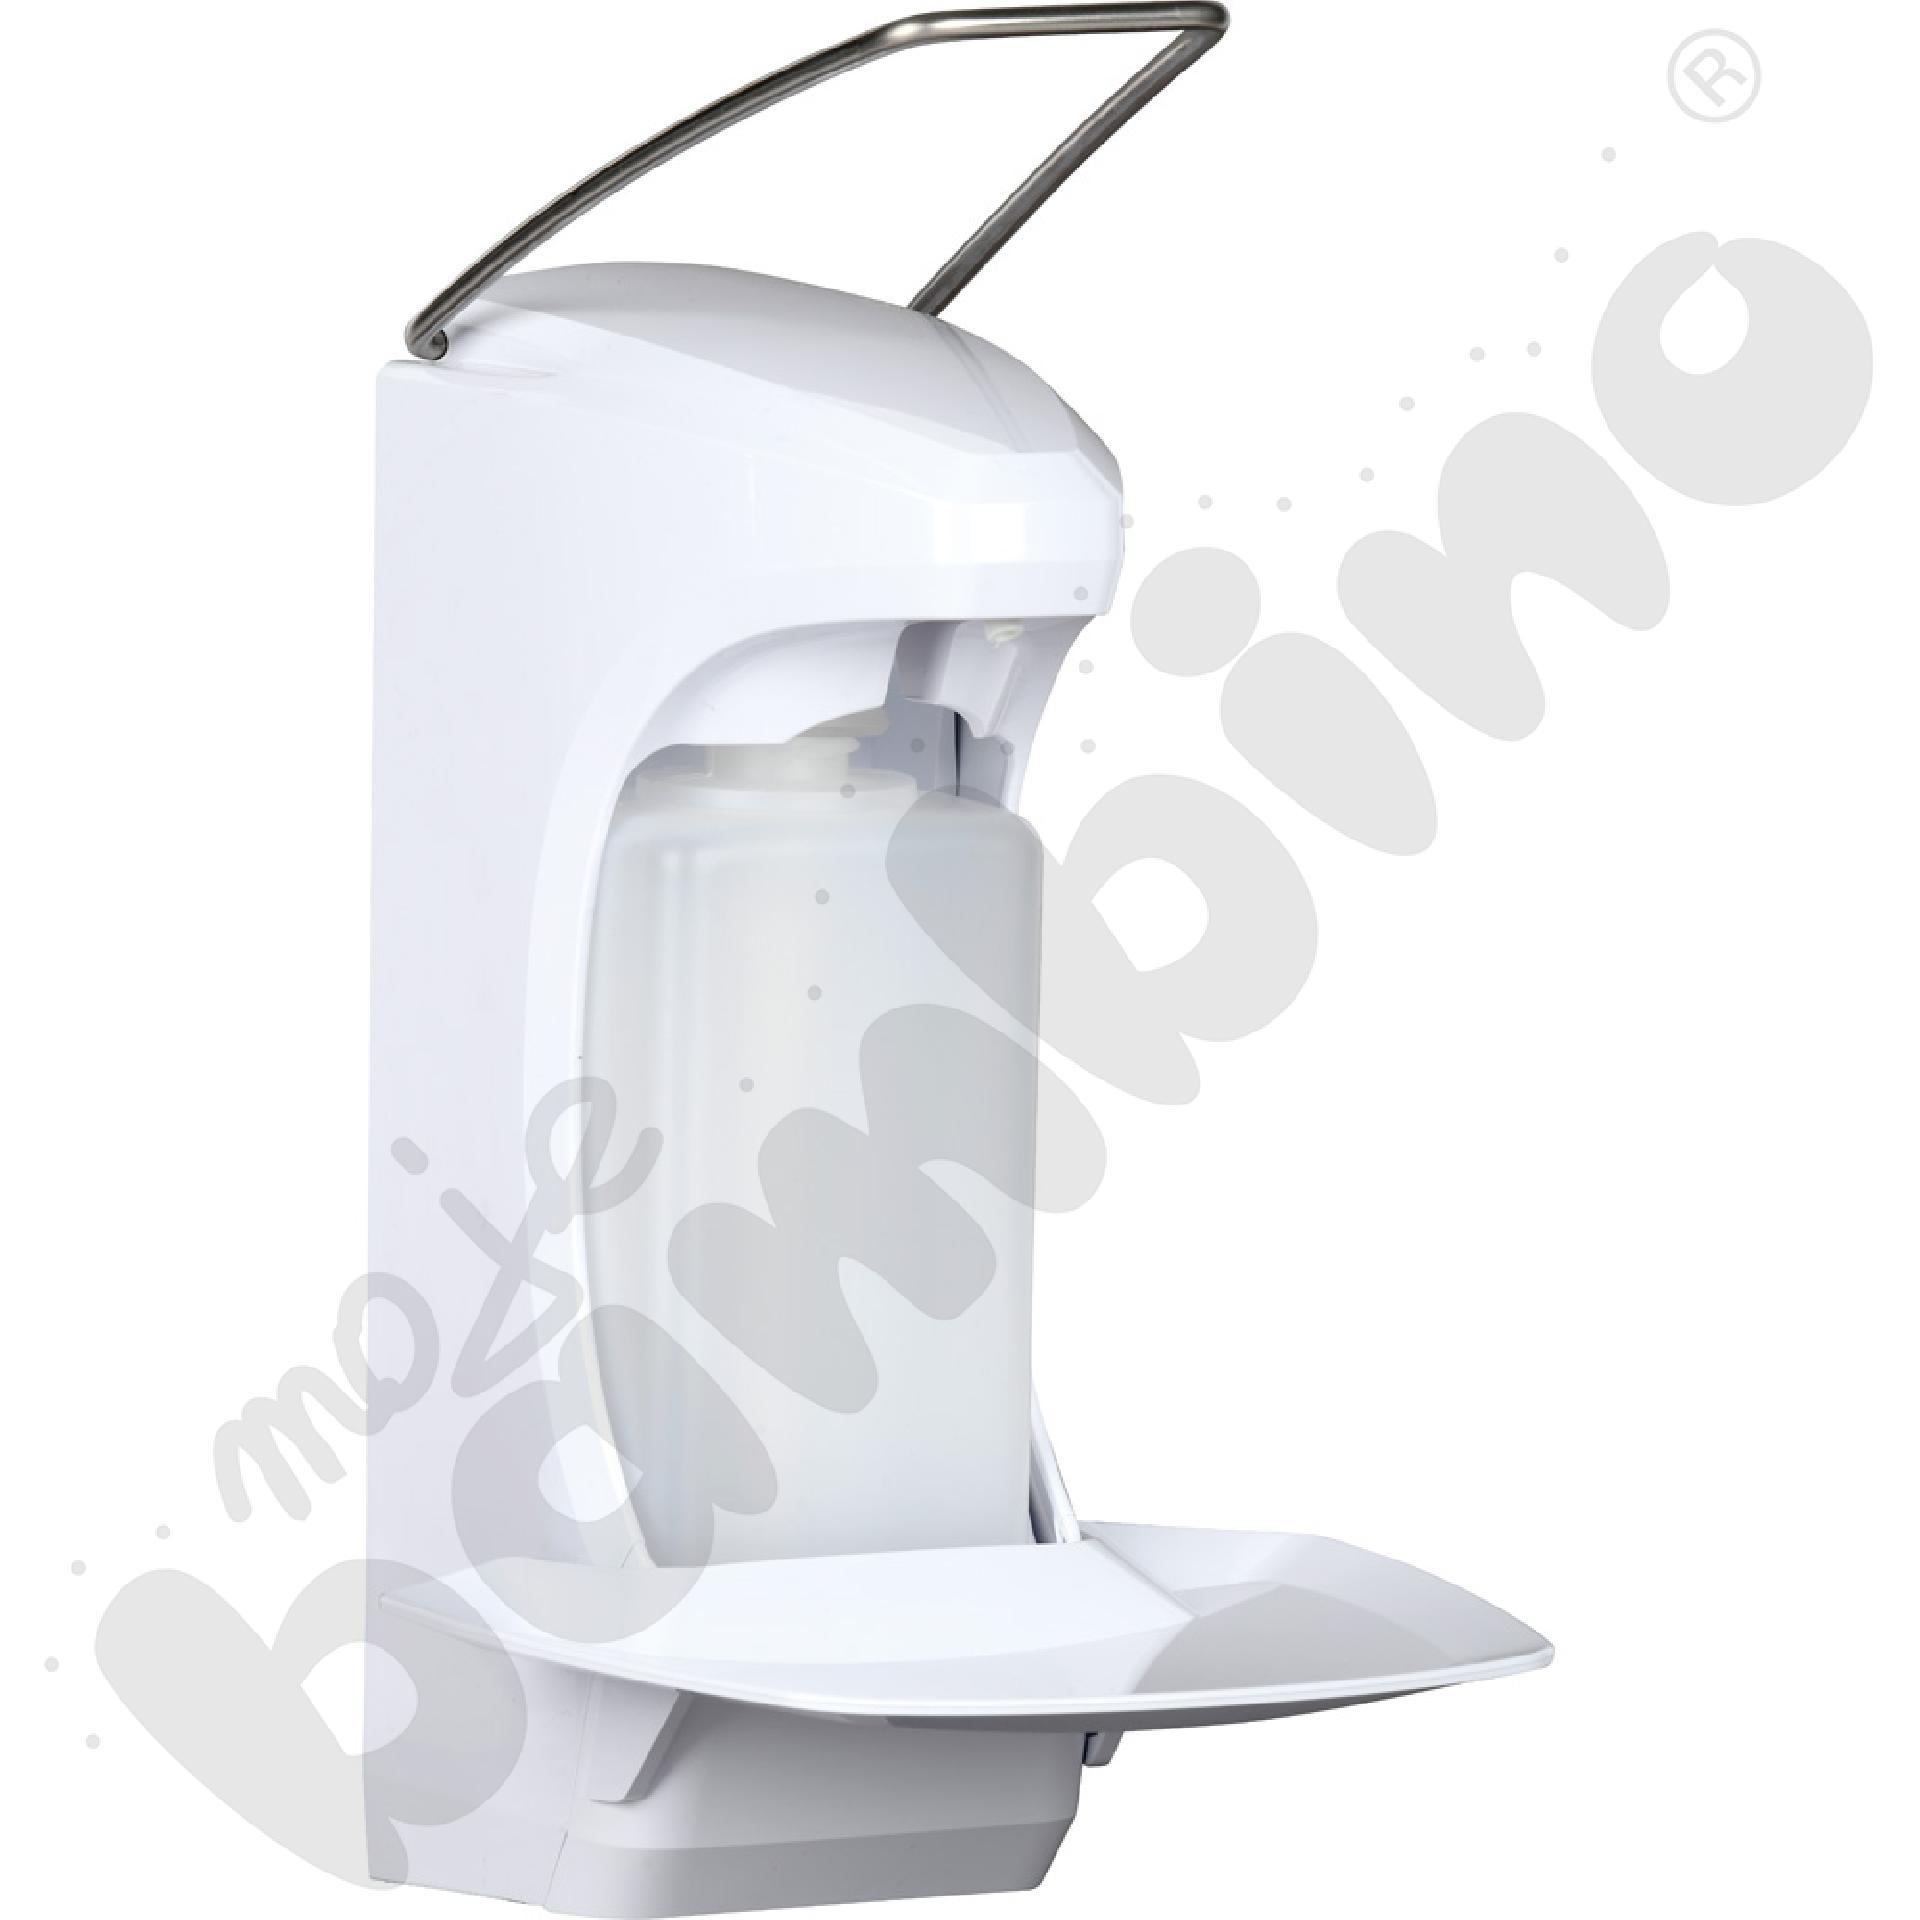 Dozownik płynu dezynfekcyjnego 0,5 l FRESHTEC RX5 łokciowy